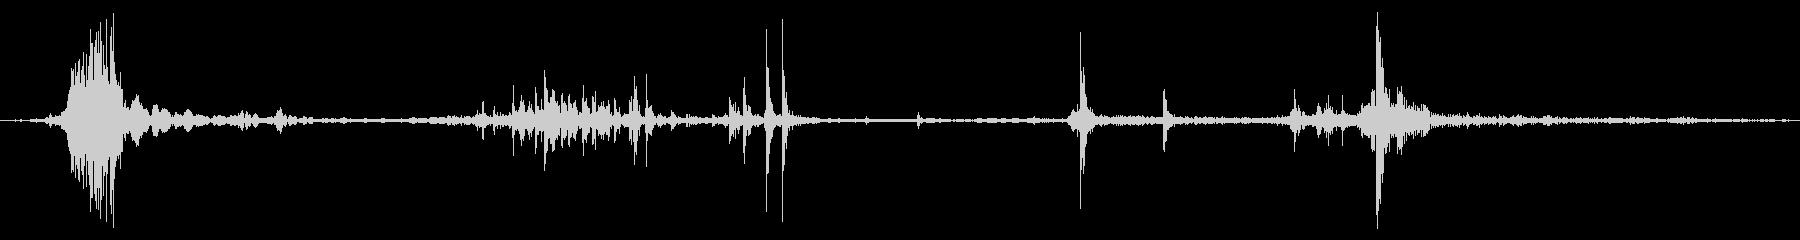 ニンジン:シングルカットの未再生の波形